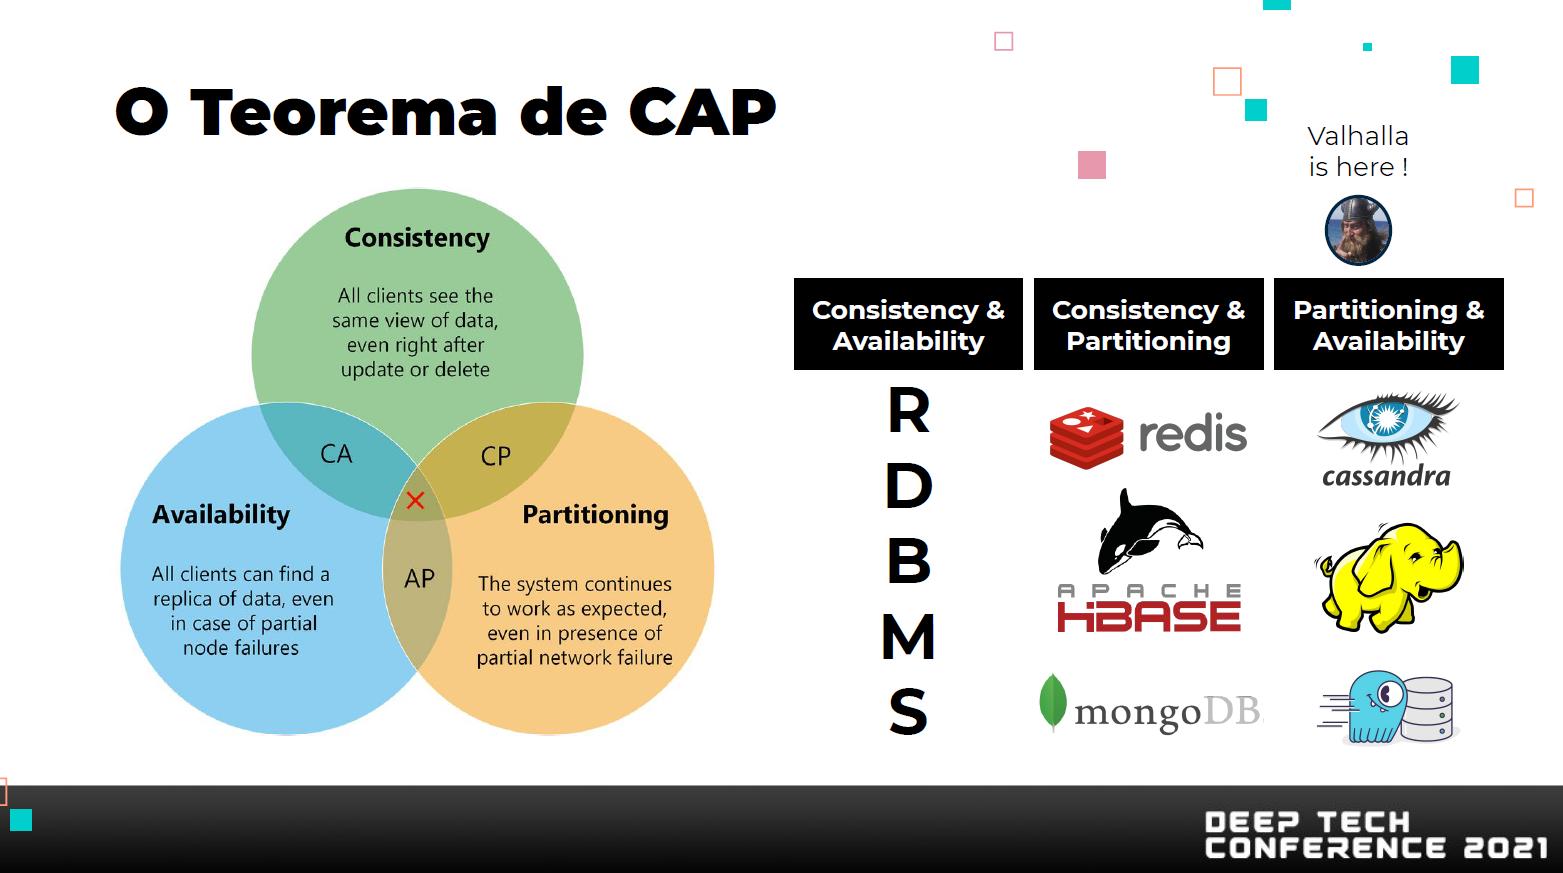 Teorema de CAP